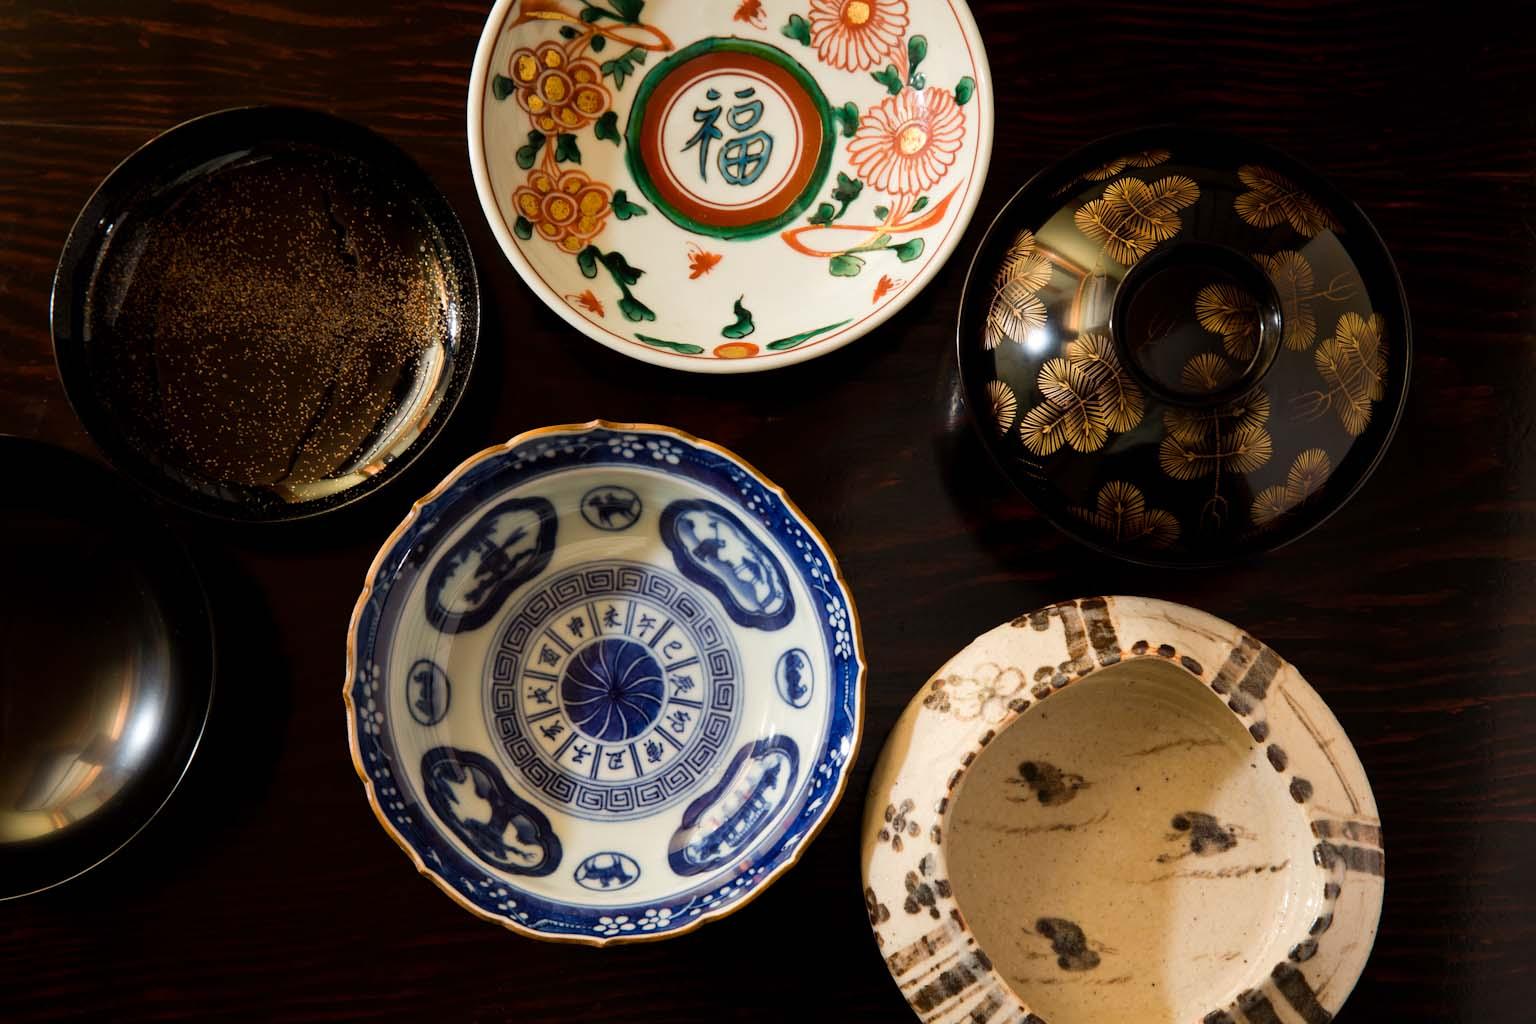 Gion Matayoshi item #1